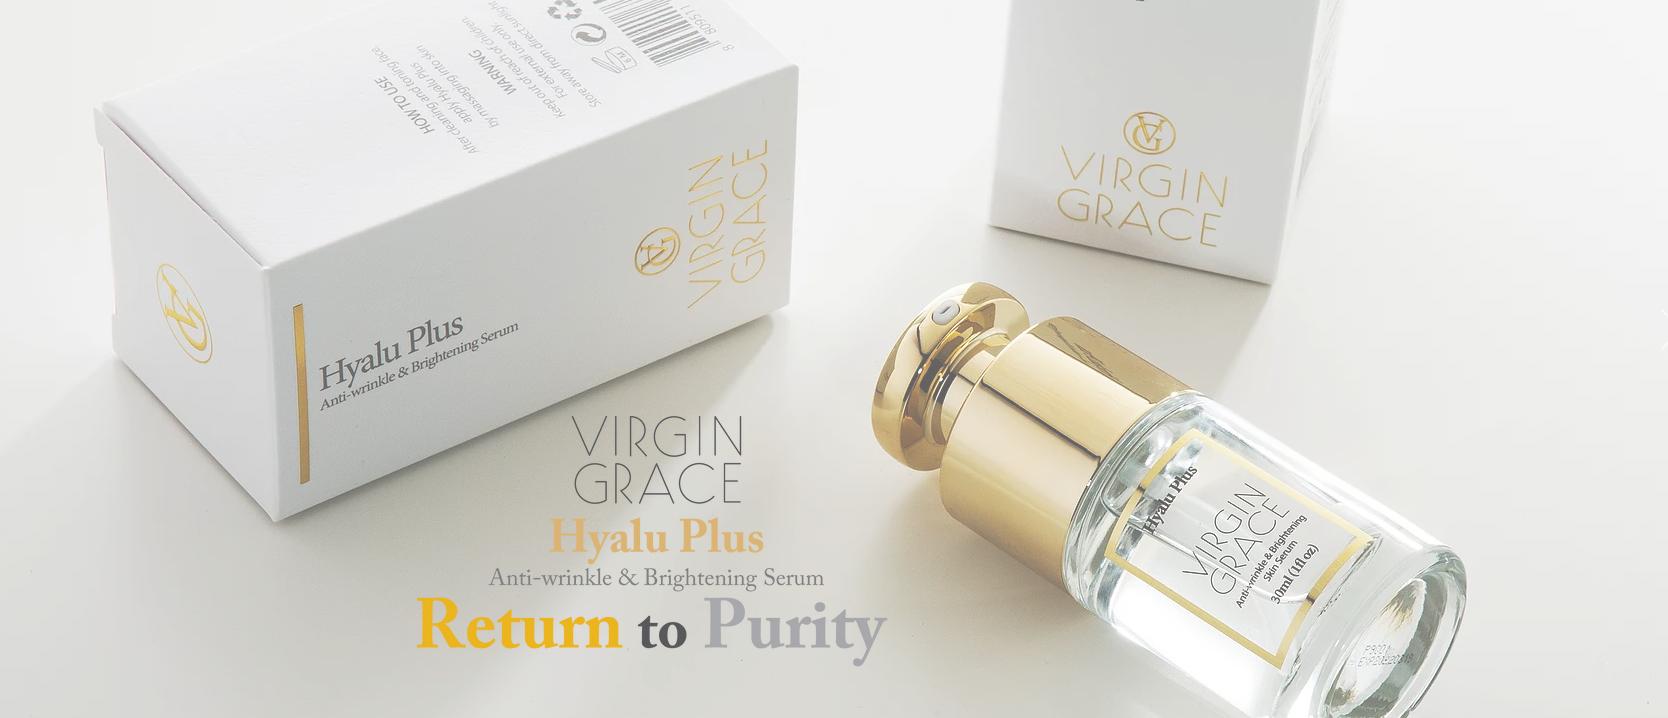 韓國食品-[Virgin Grace] Hyalu Plus Anti-wrinkle & Brightening Serum 30ml